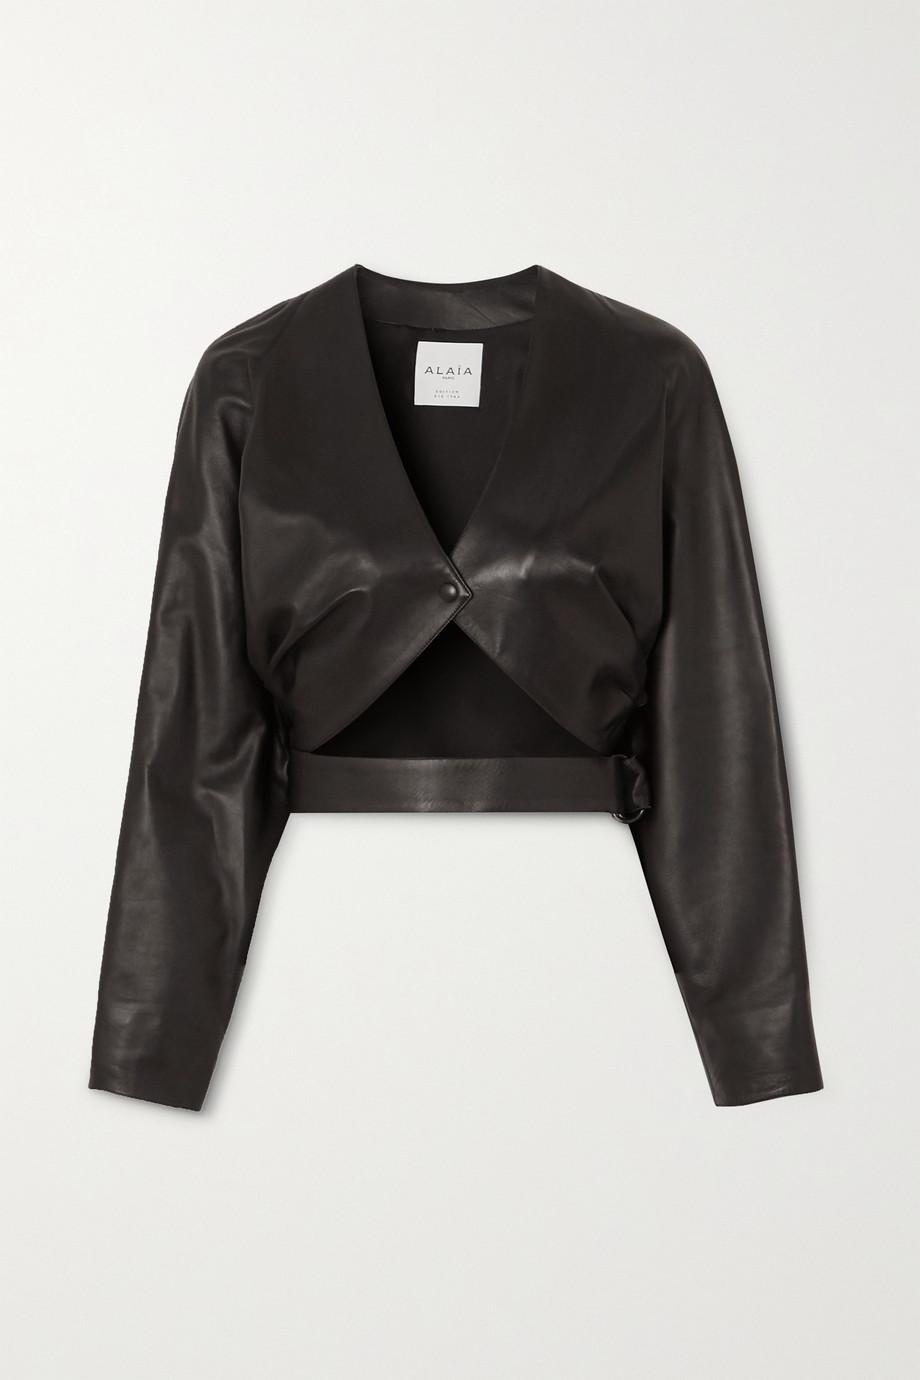 Alaïa 挖剪皮革短款夹克